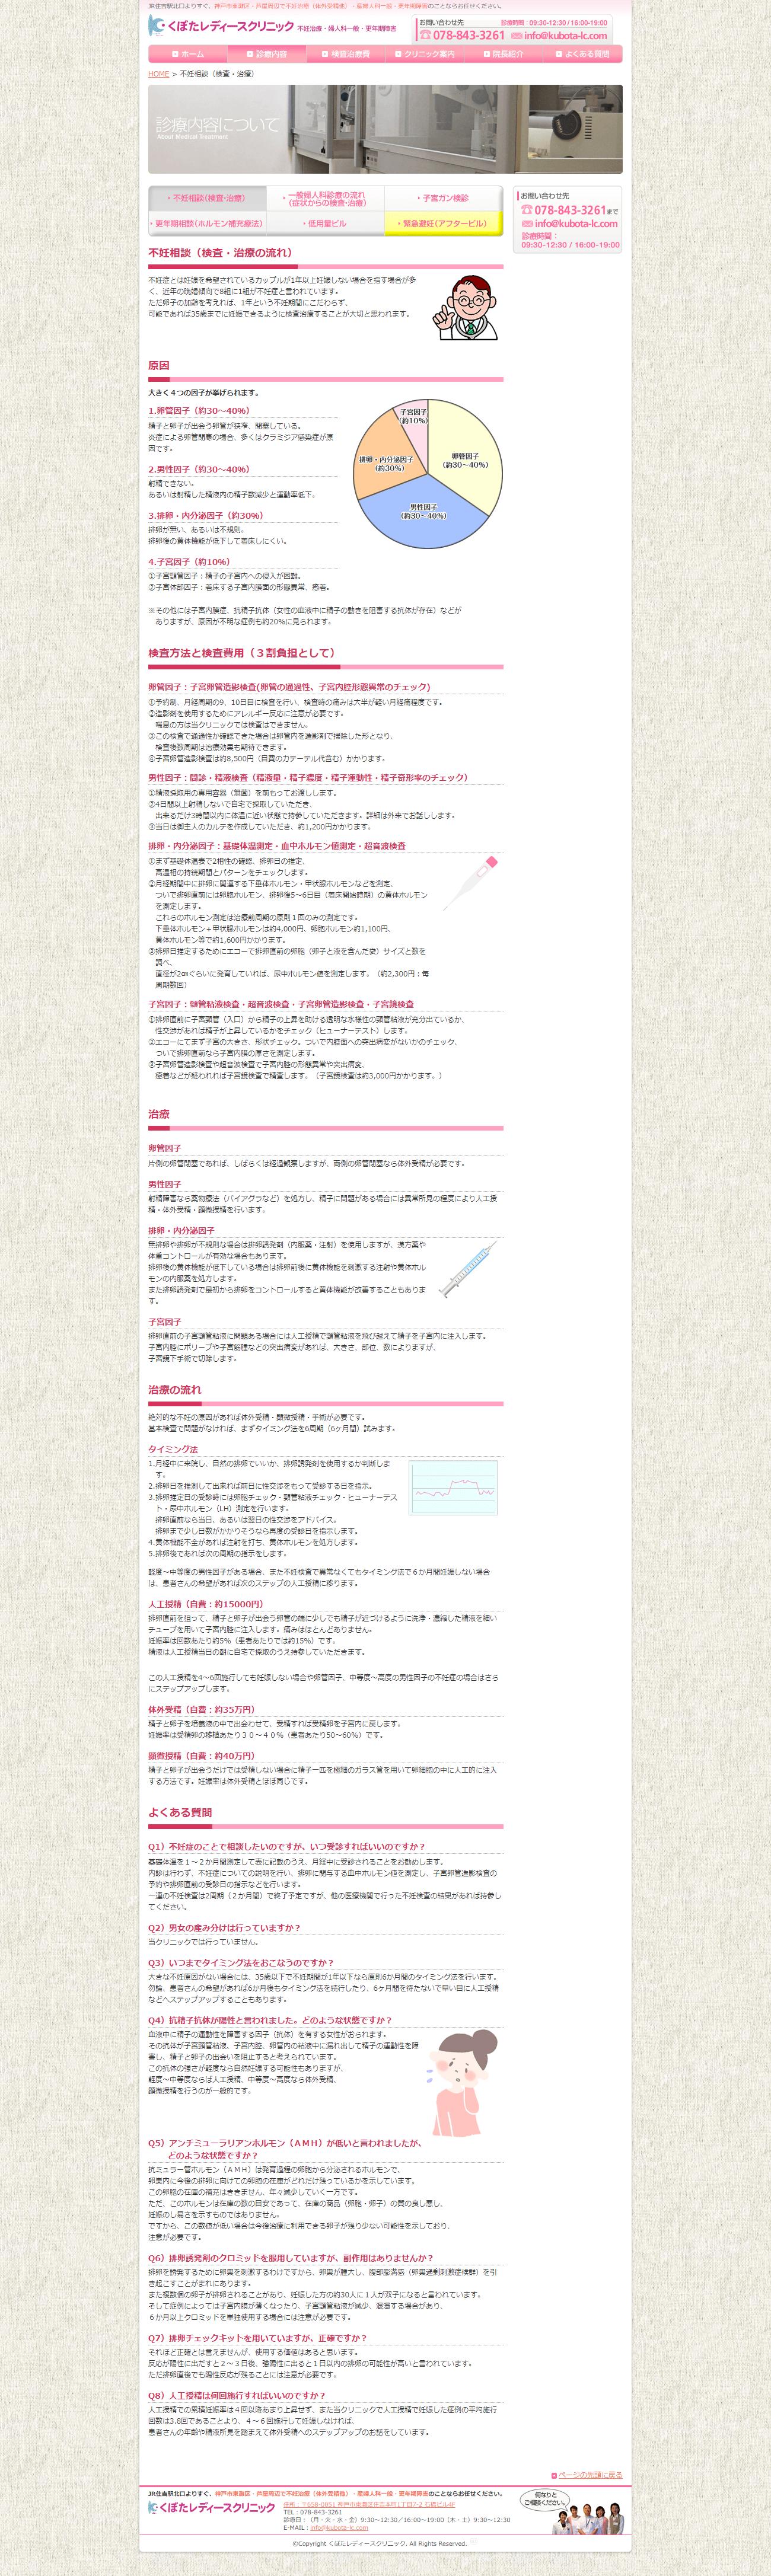 神戸市 くぼたレディースクリニック様 ホームページ制作2